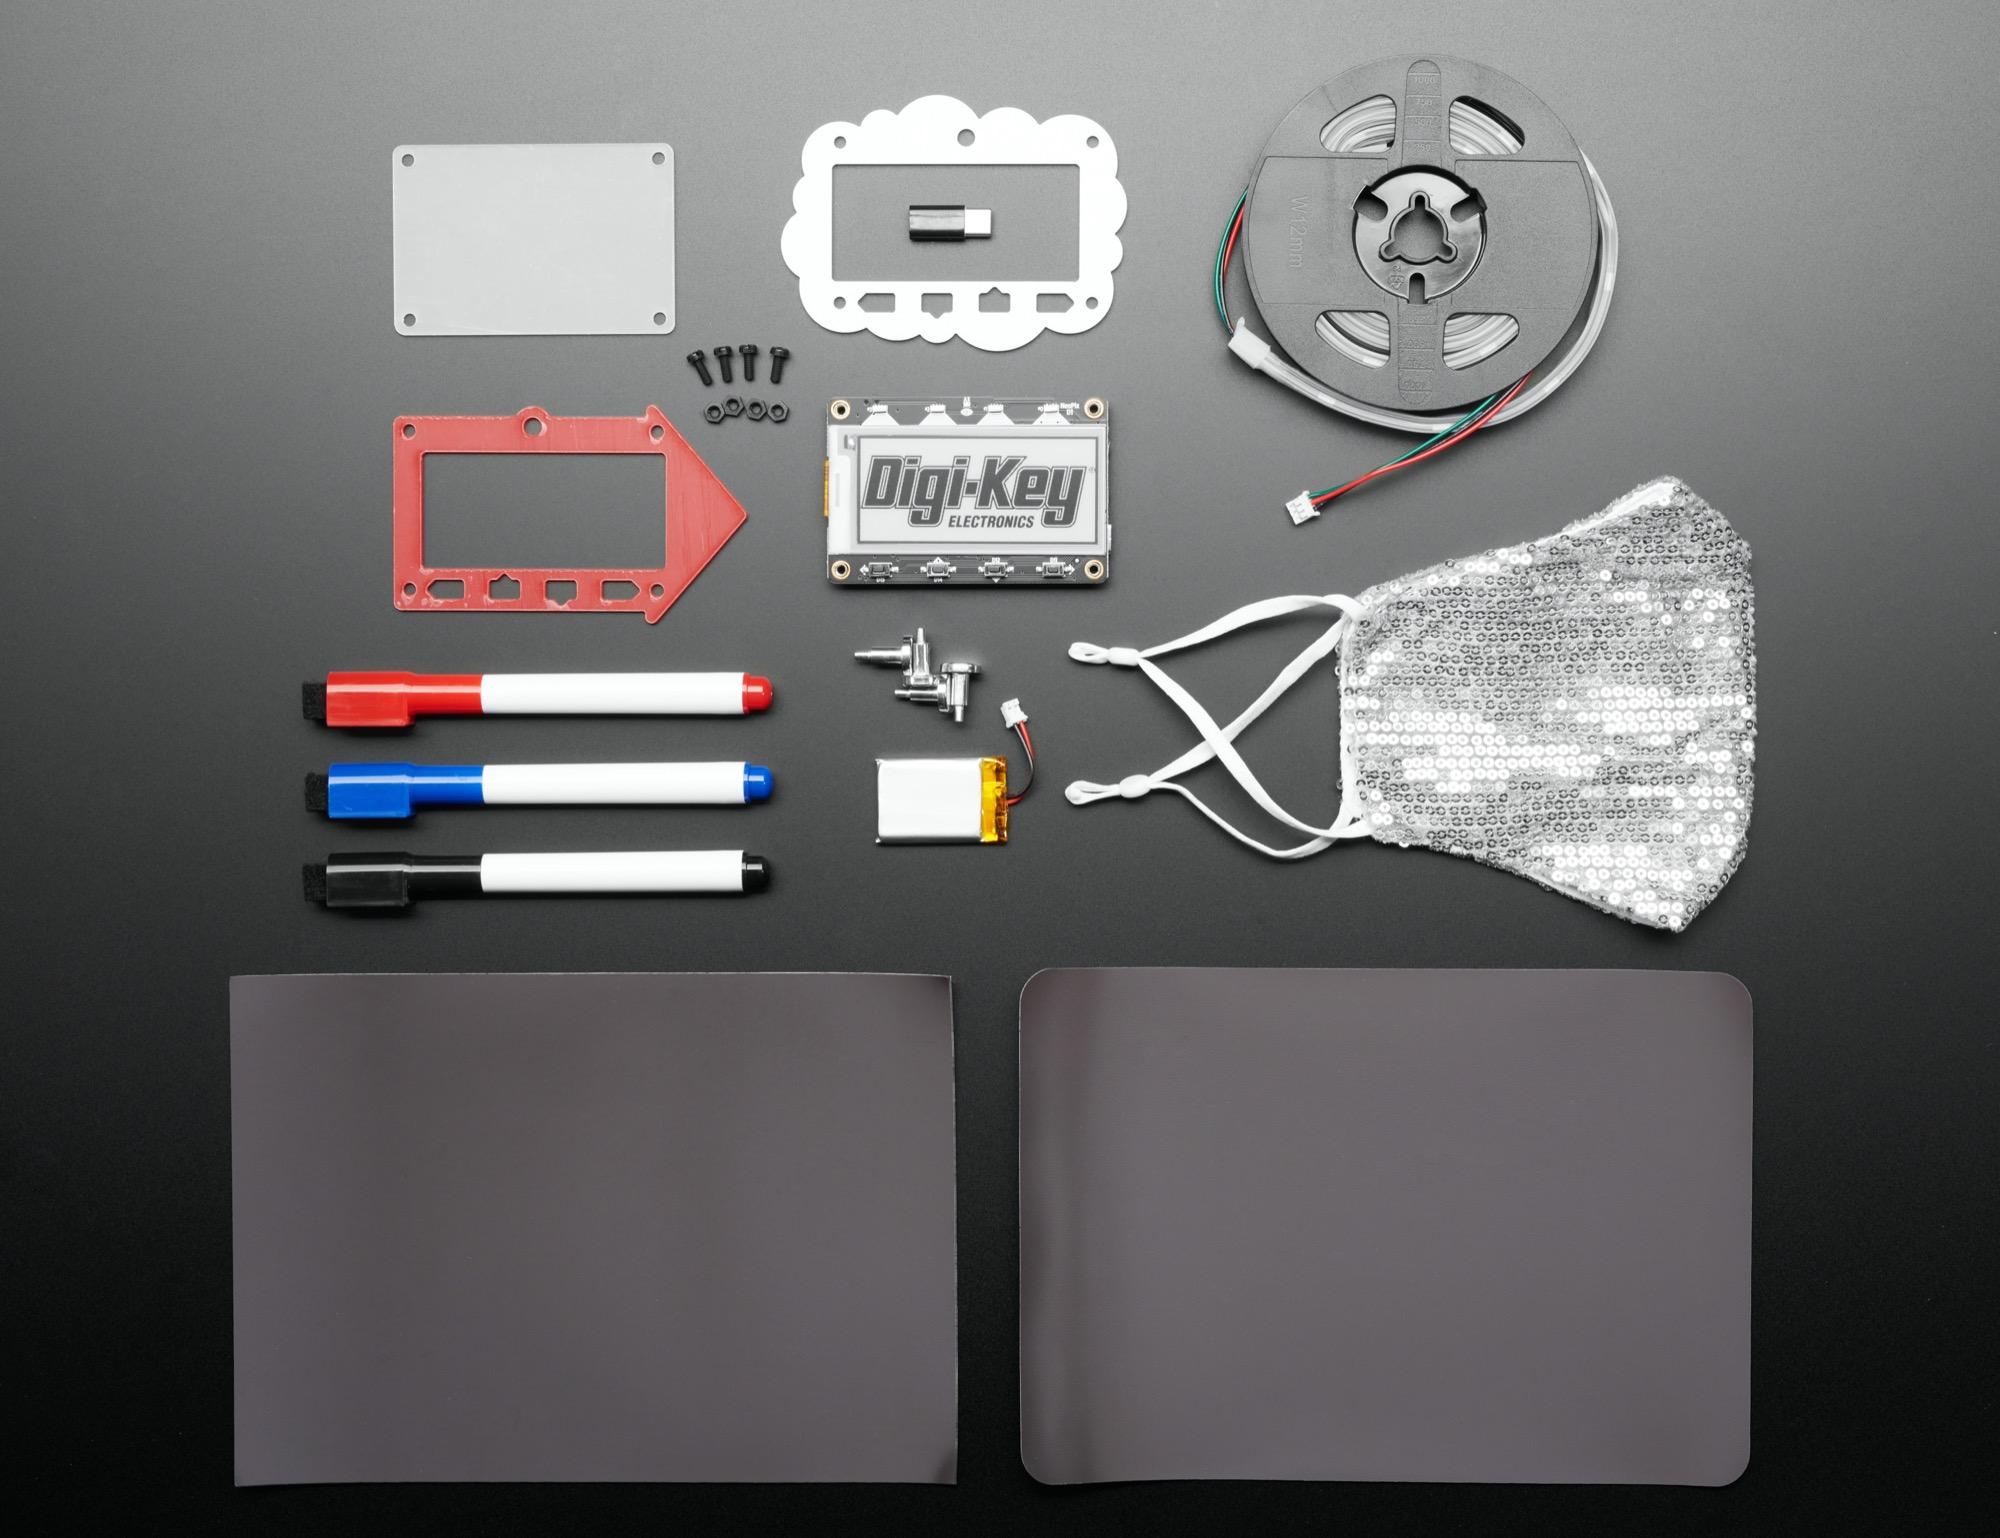 adabox_4571_kit__2k__2020_12.jpg